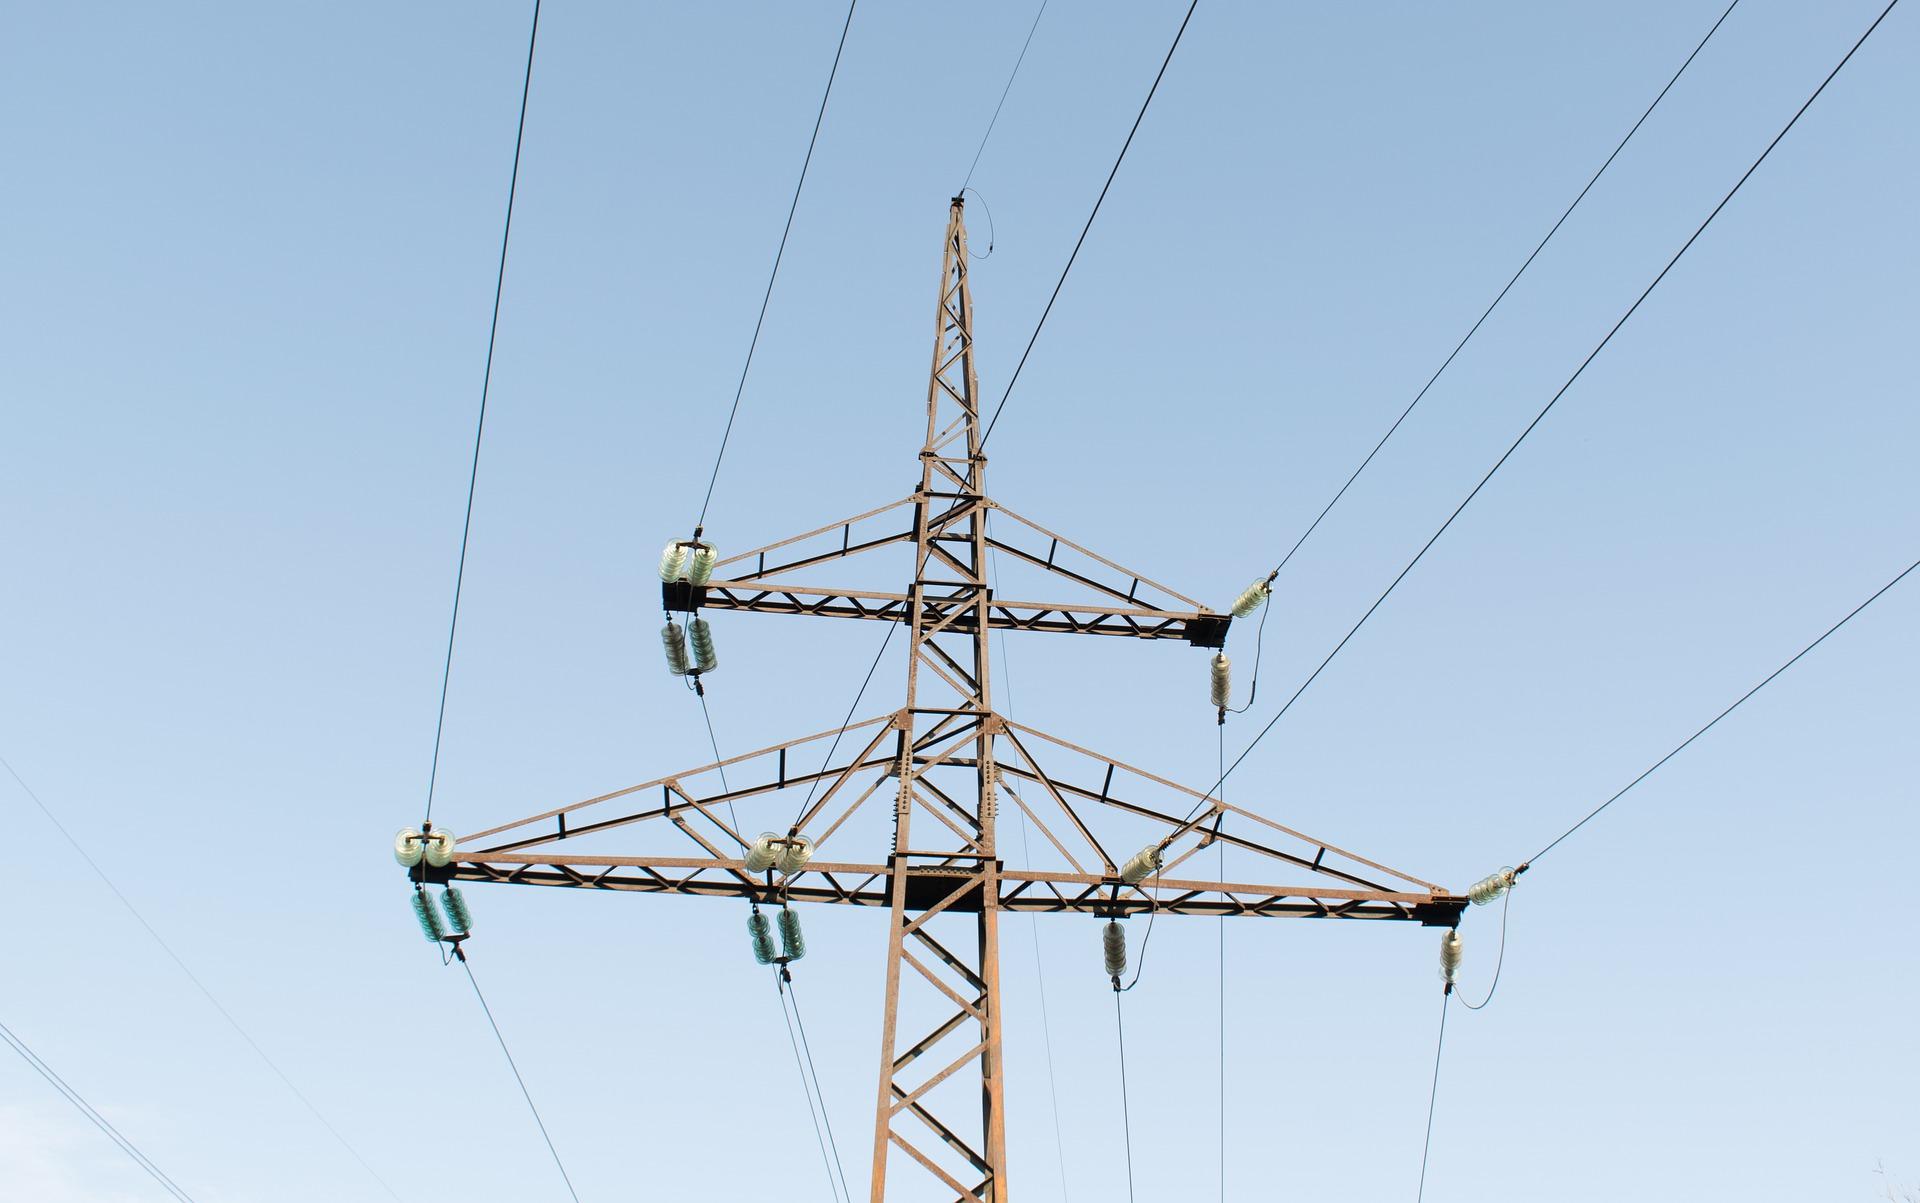 HIGH-VOLTAGE transmission lines